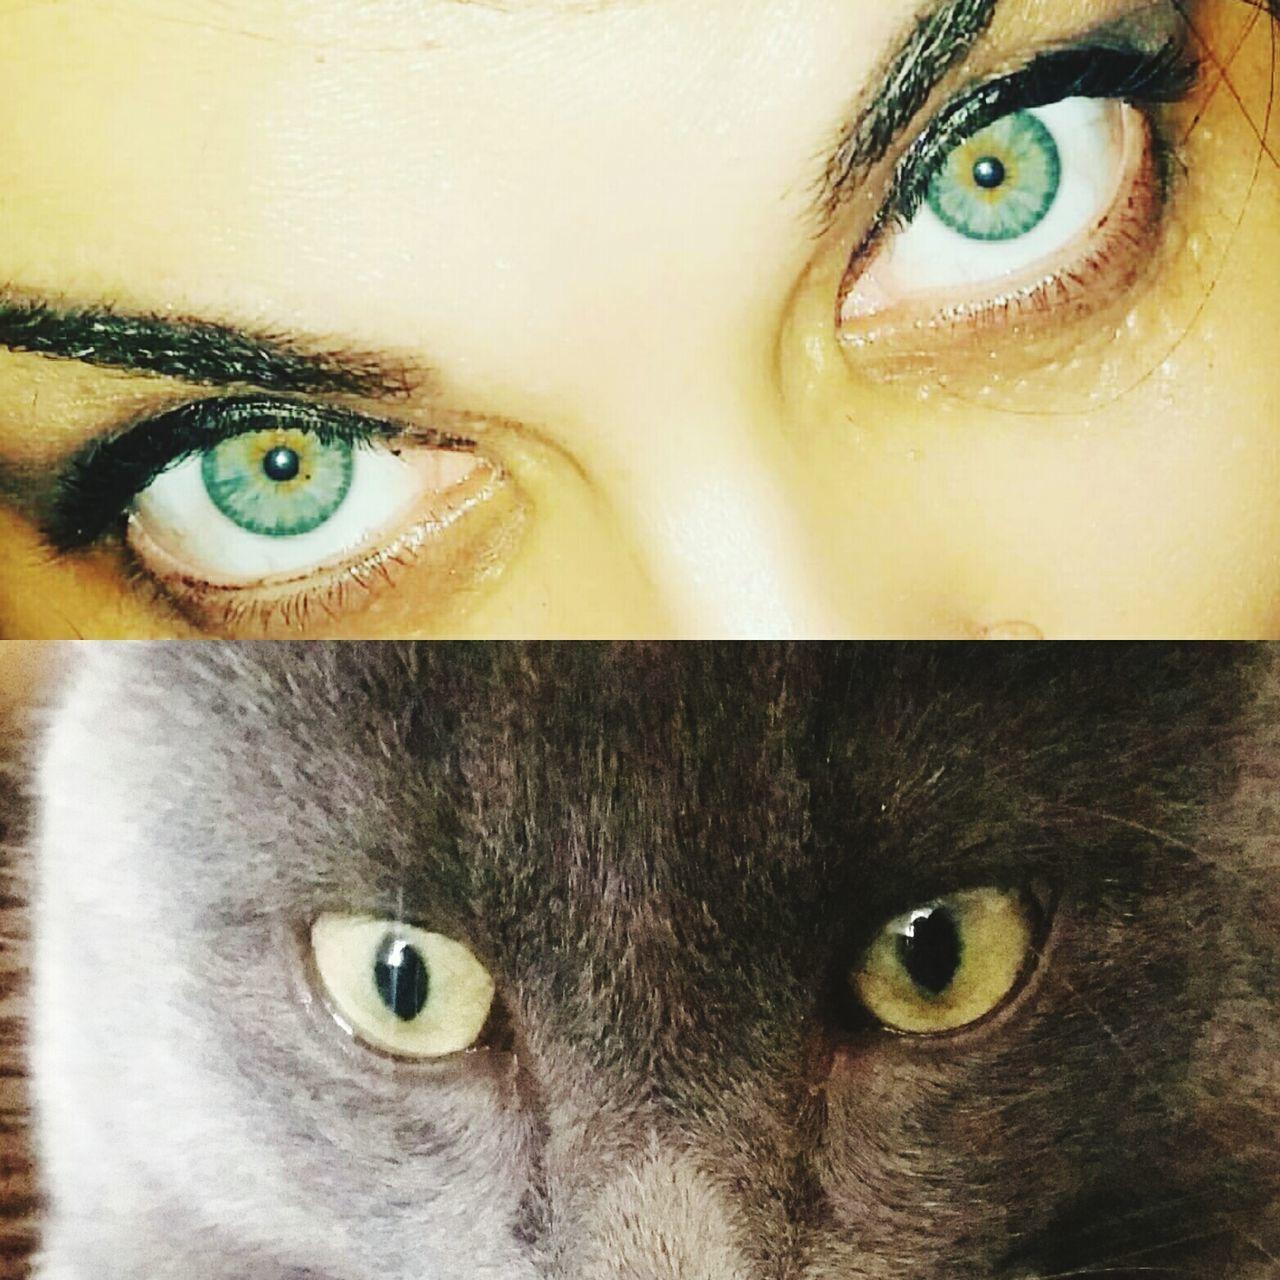 Occhi 👀 Human Eye Eye Occhidiprato Occhiverdi Occhi Di Gatto